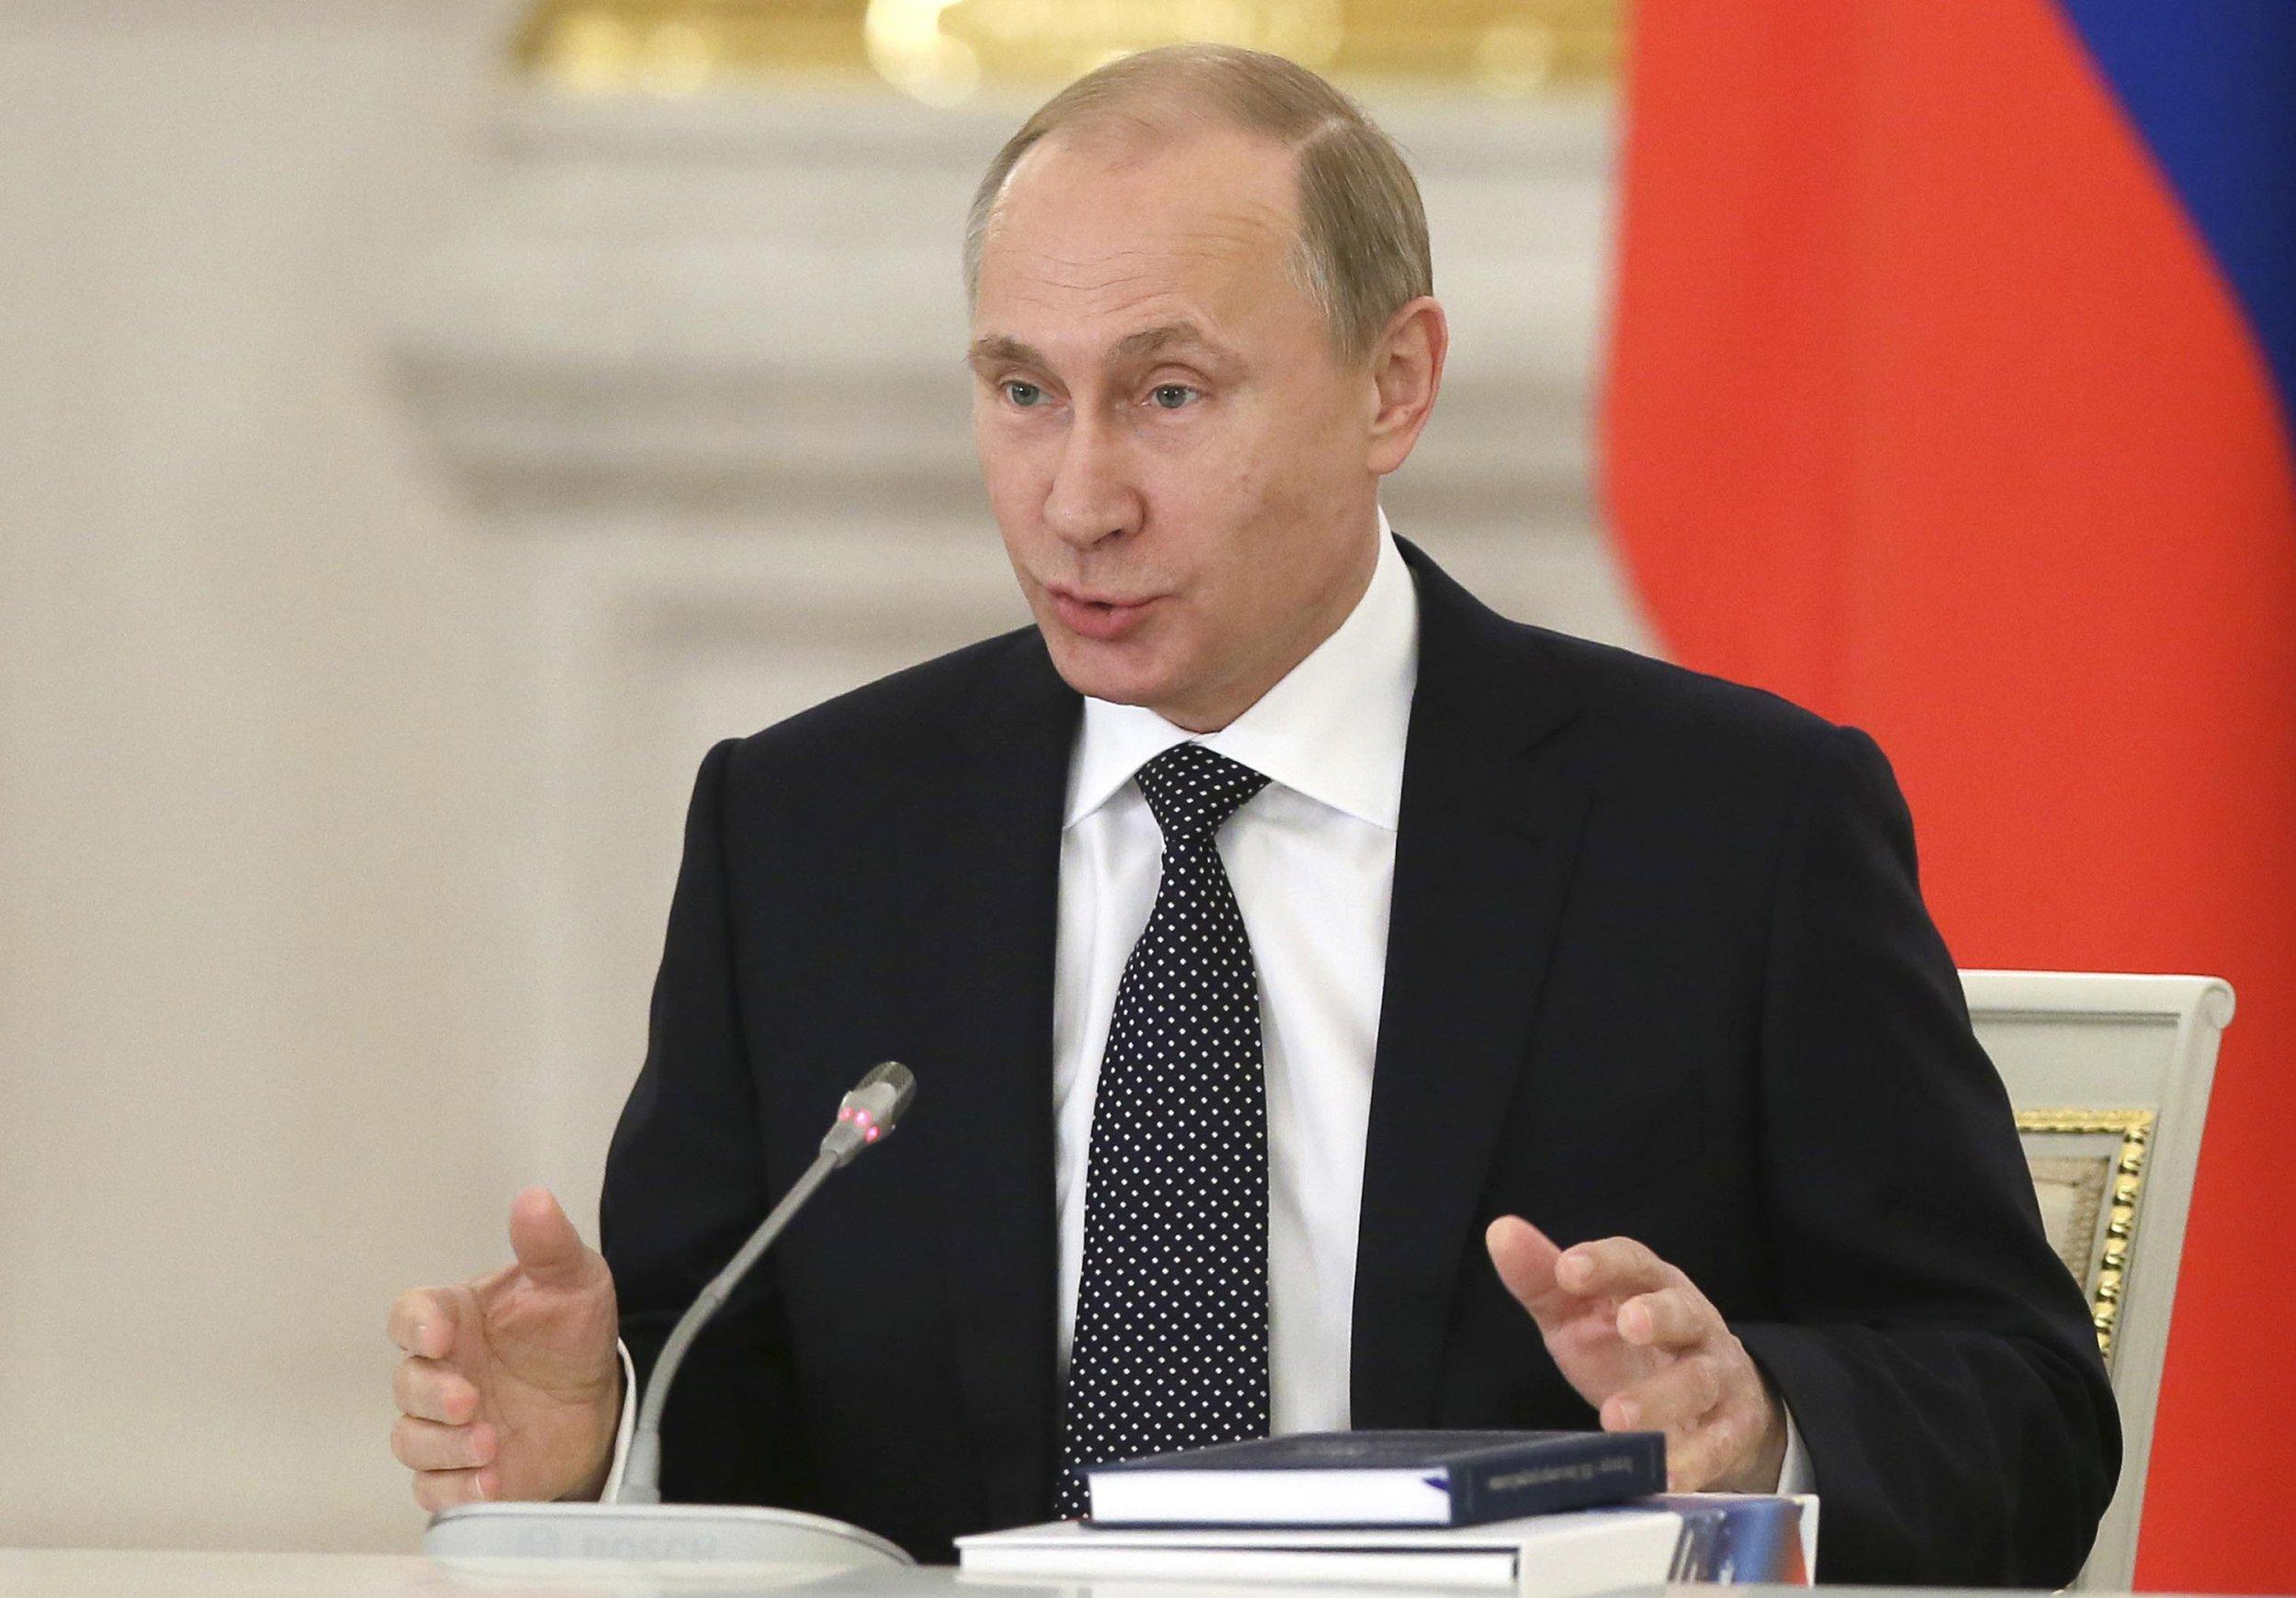 Putin's new military doctrine